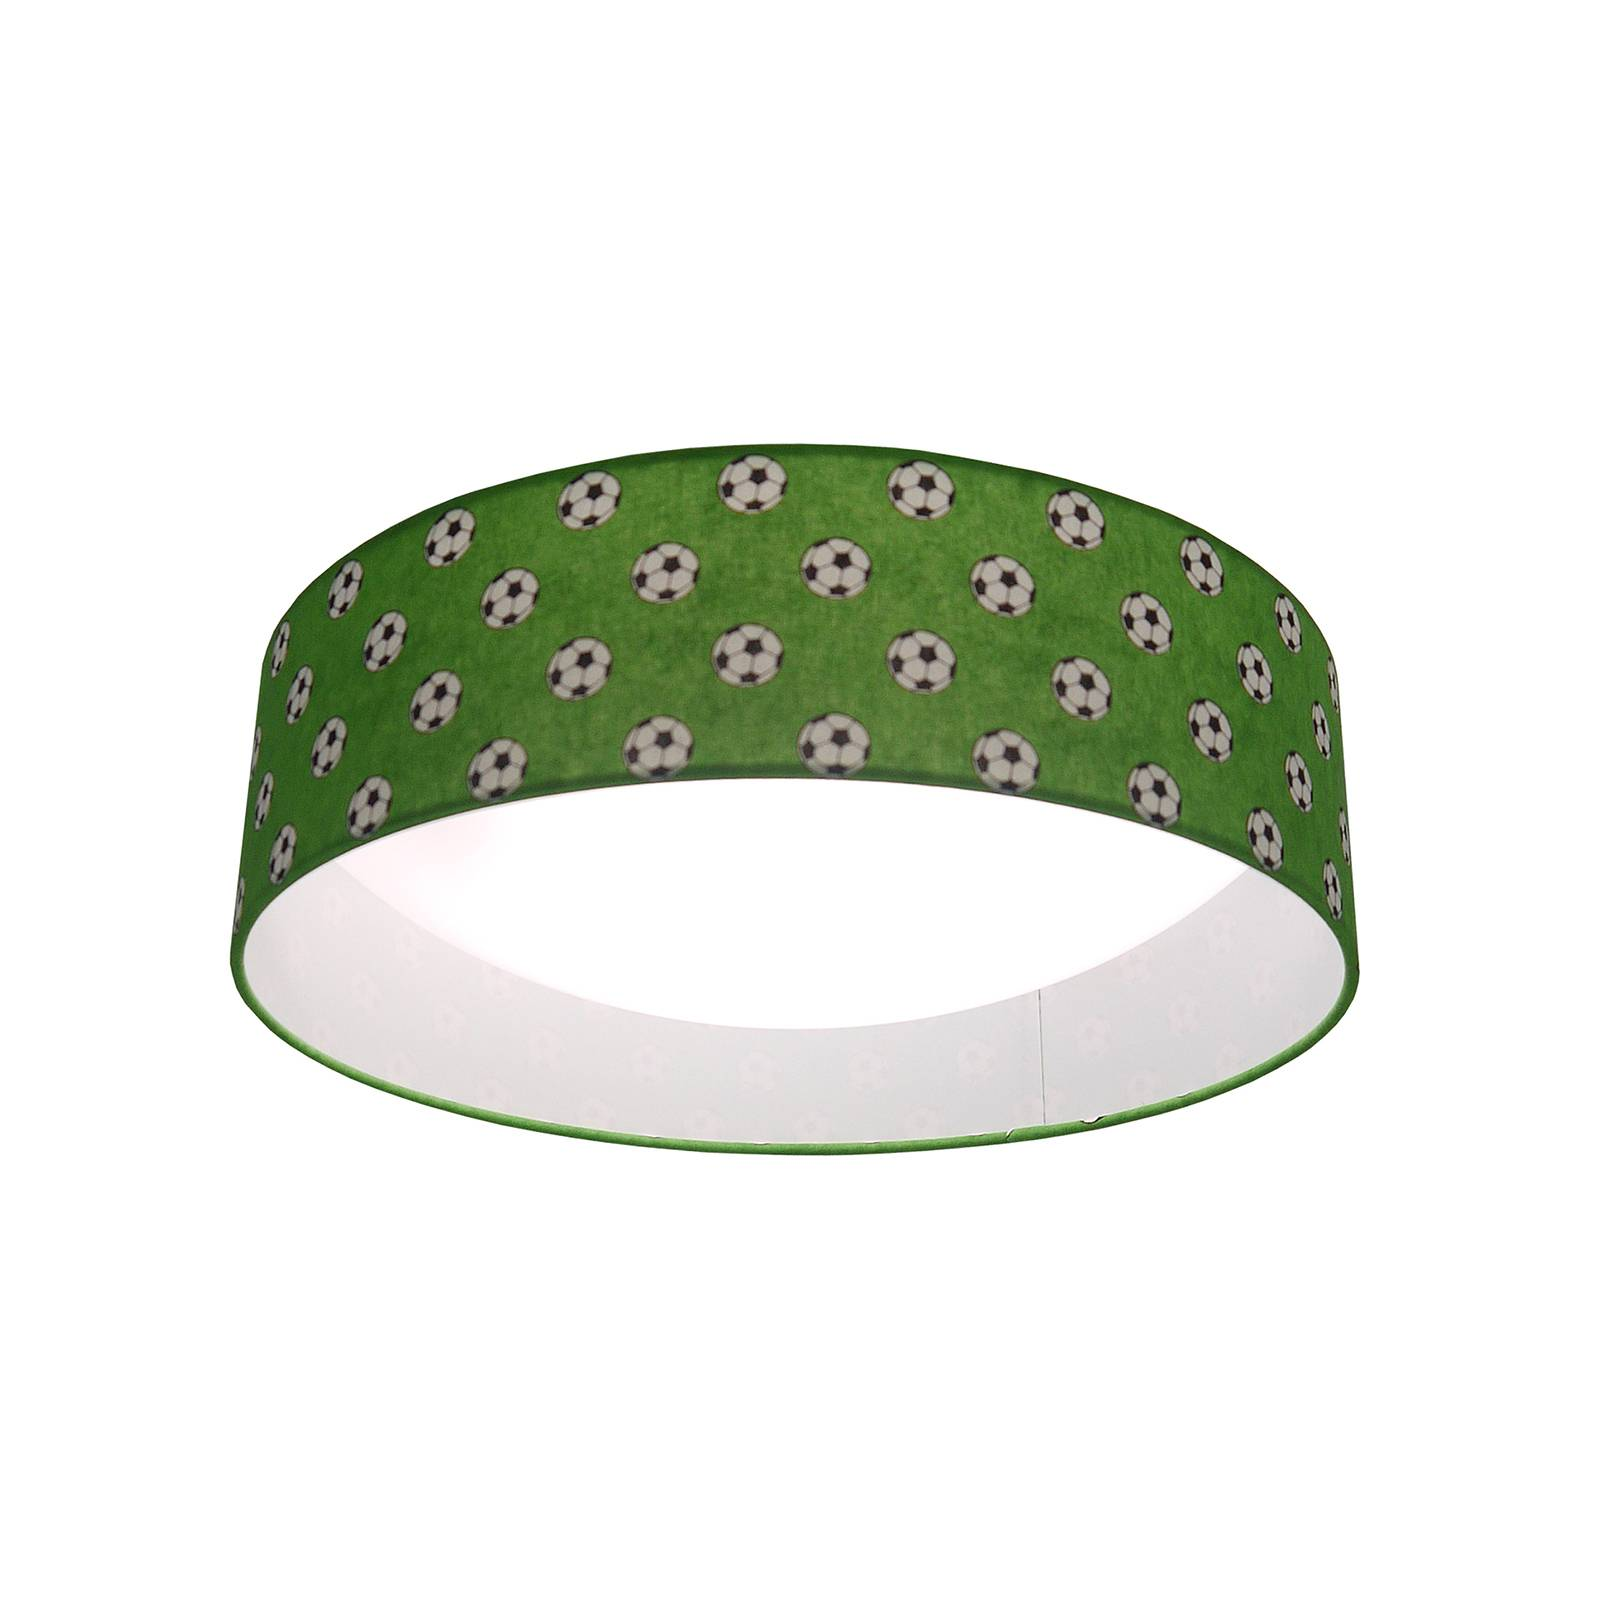 Deckenleuchte Fußball mit grünem Stoffschirm